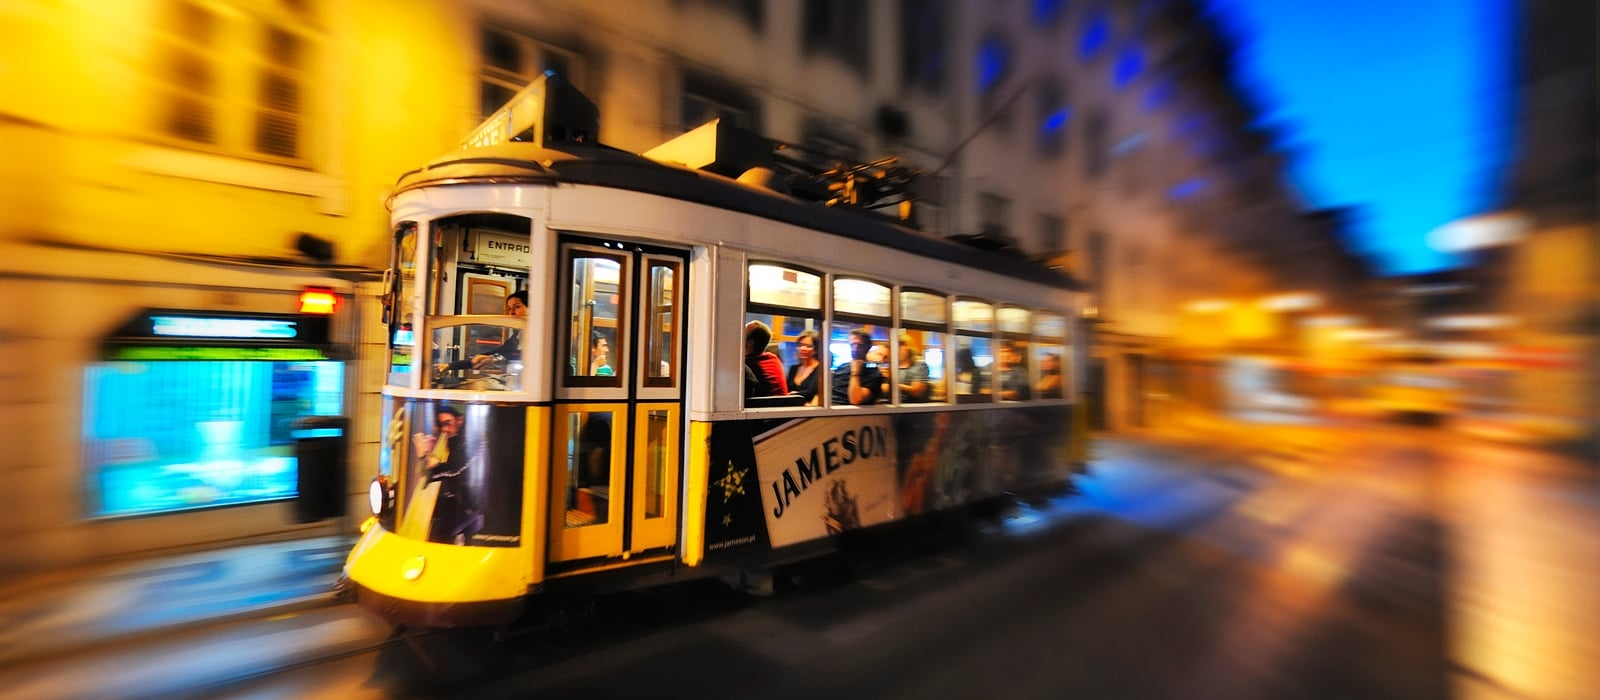 Lisbon - Vincci Hoteles